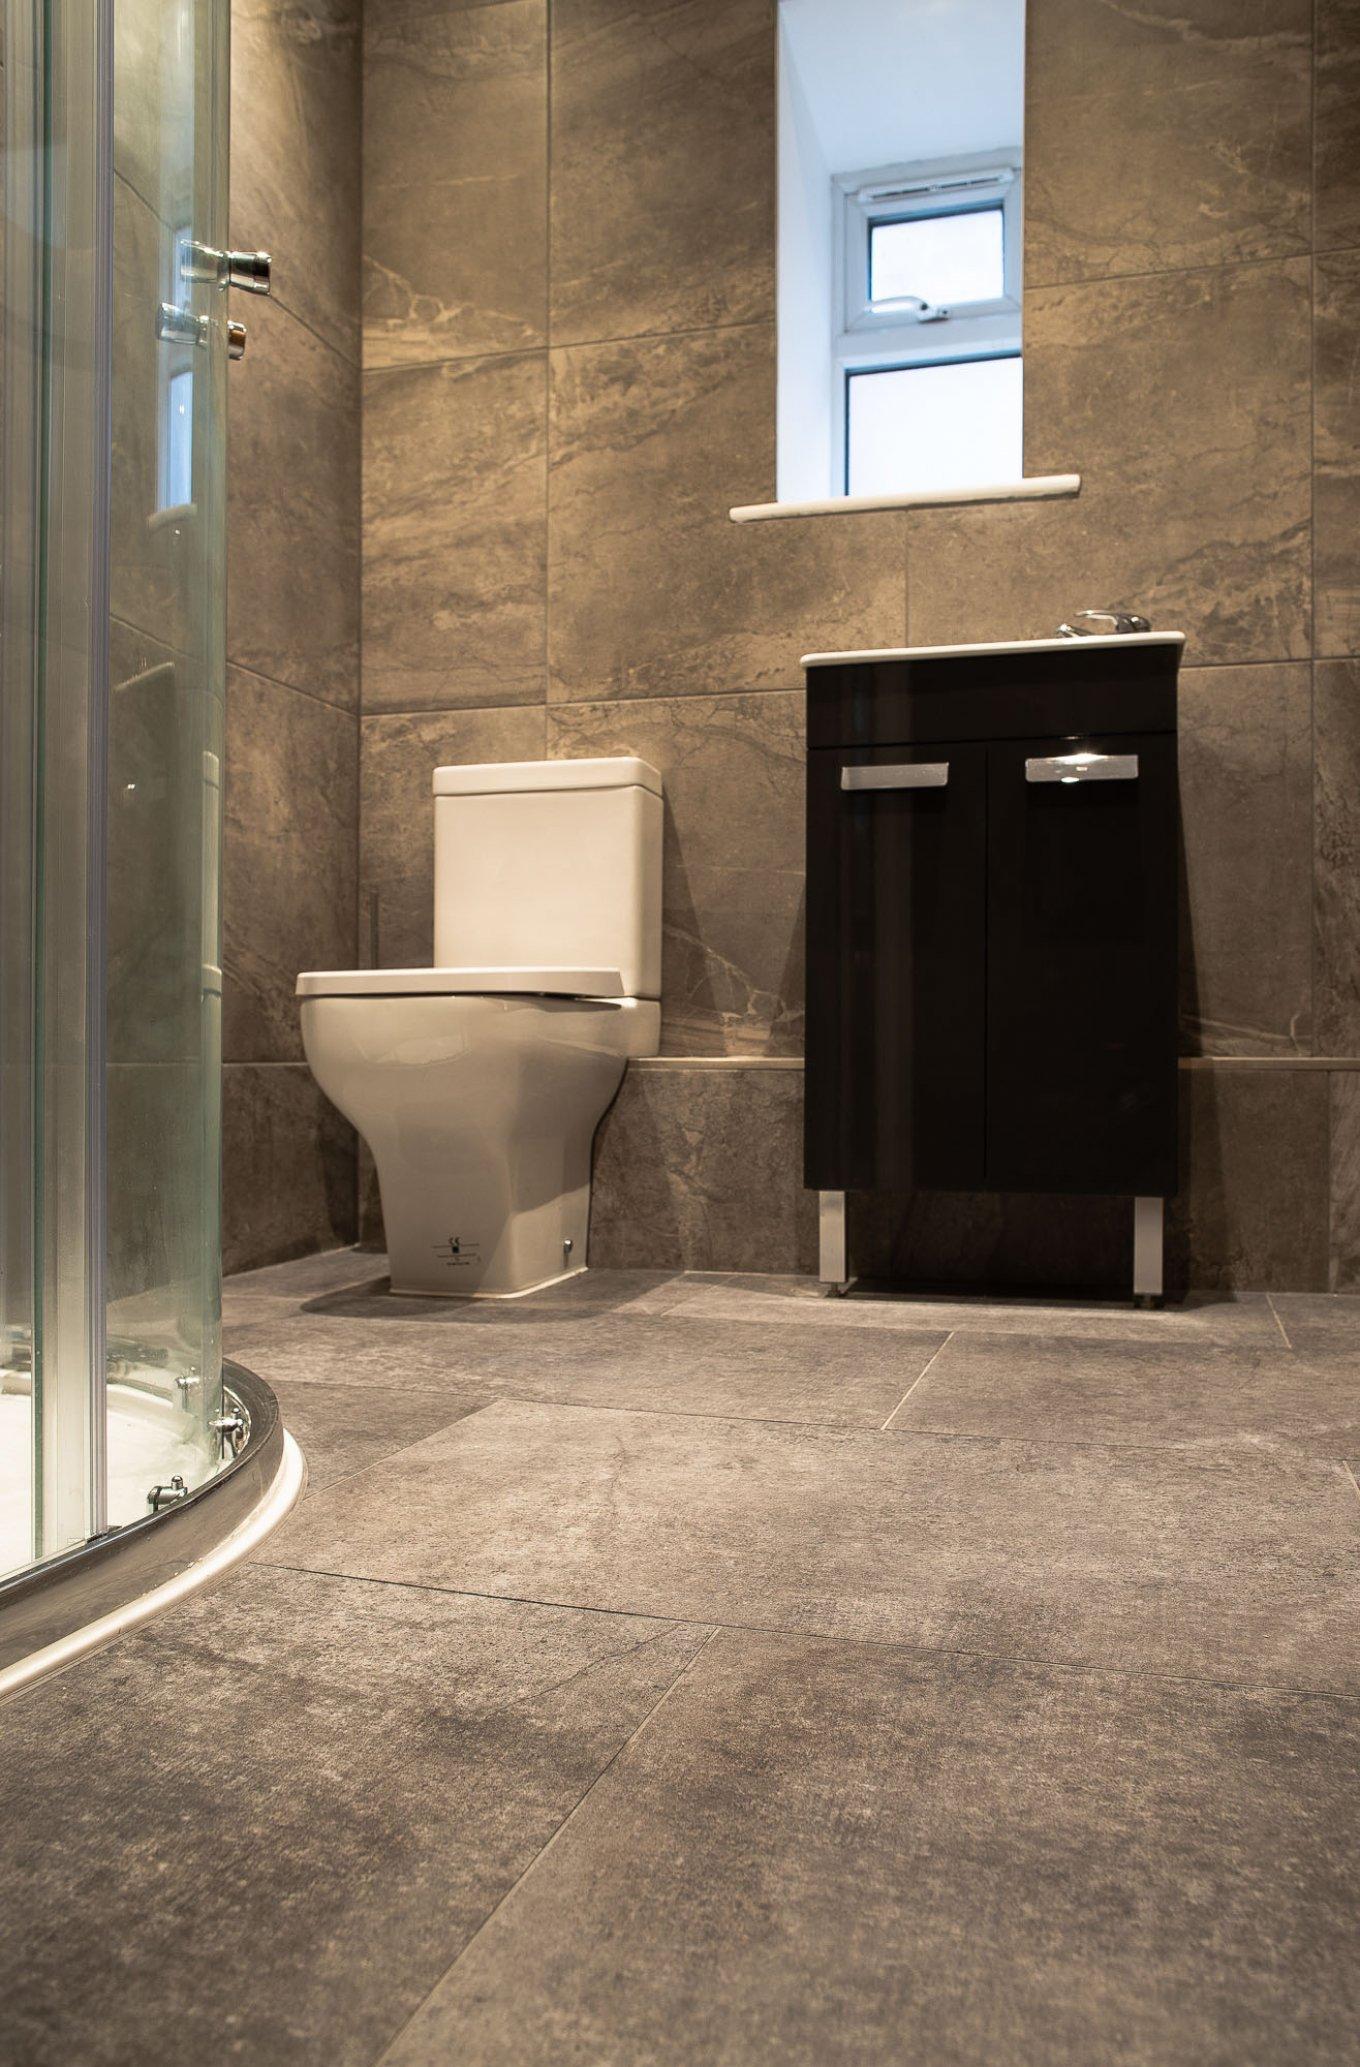 wineo Designboden im Badezimmer moderne Einrichtung Dusche Toilette graue Fliesenoptik